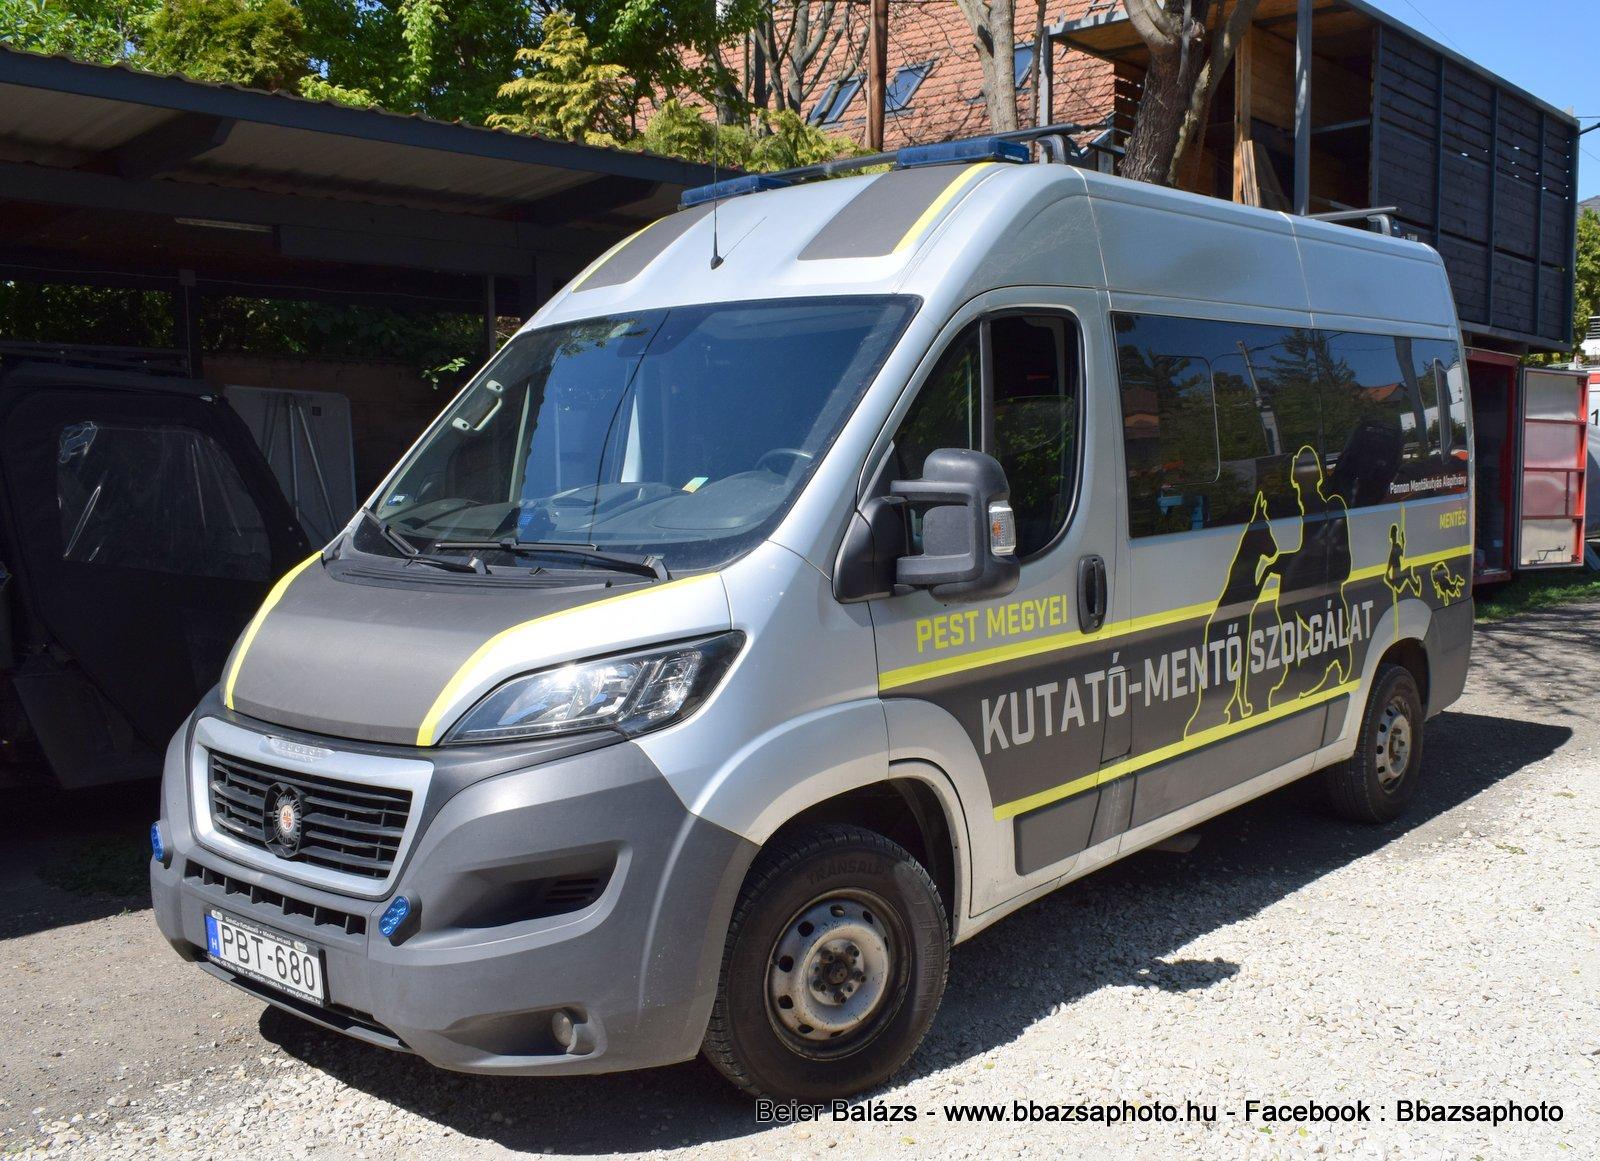 Peugeot Boxer – Pest megyei kutató mentő